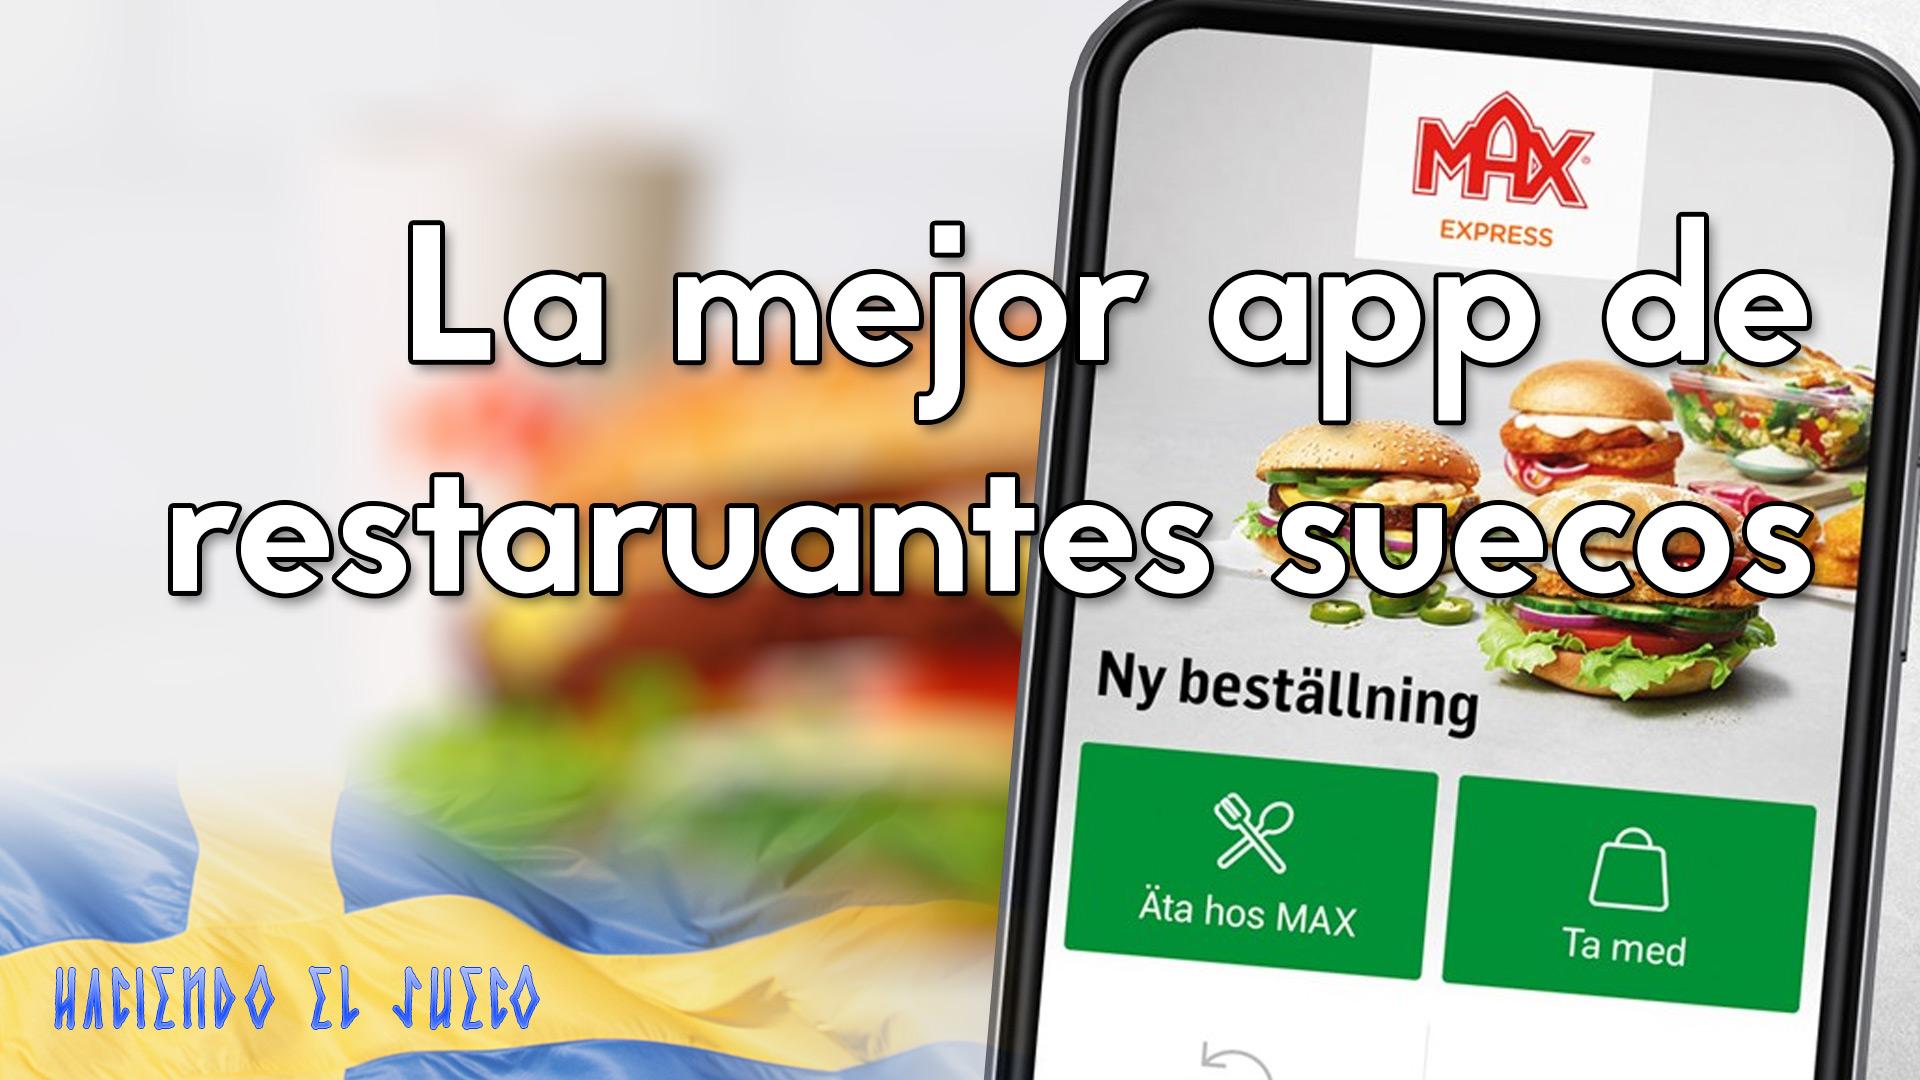 MAX: El McDonalds sueco · Así es la mejor aplicación móvil